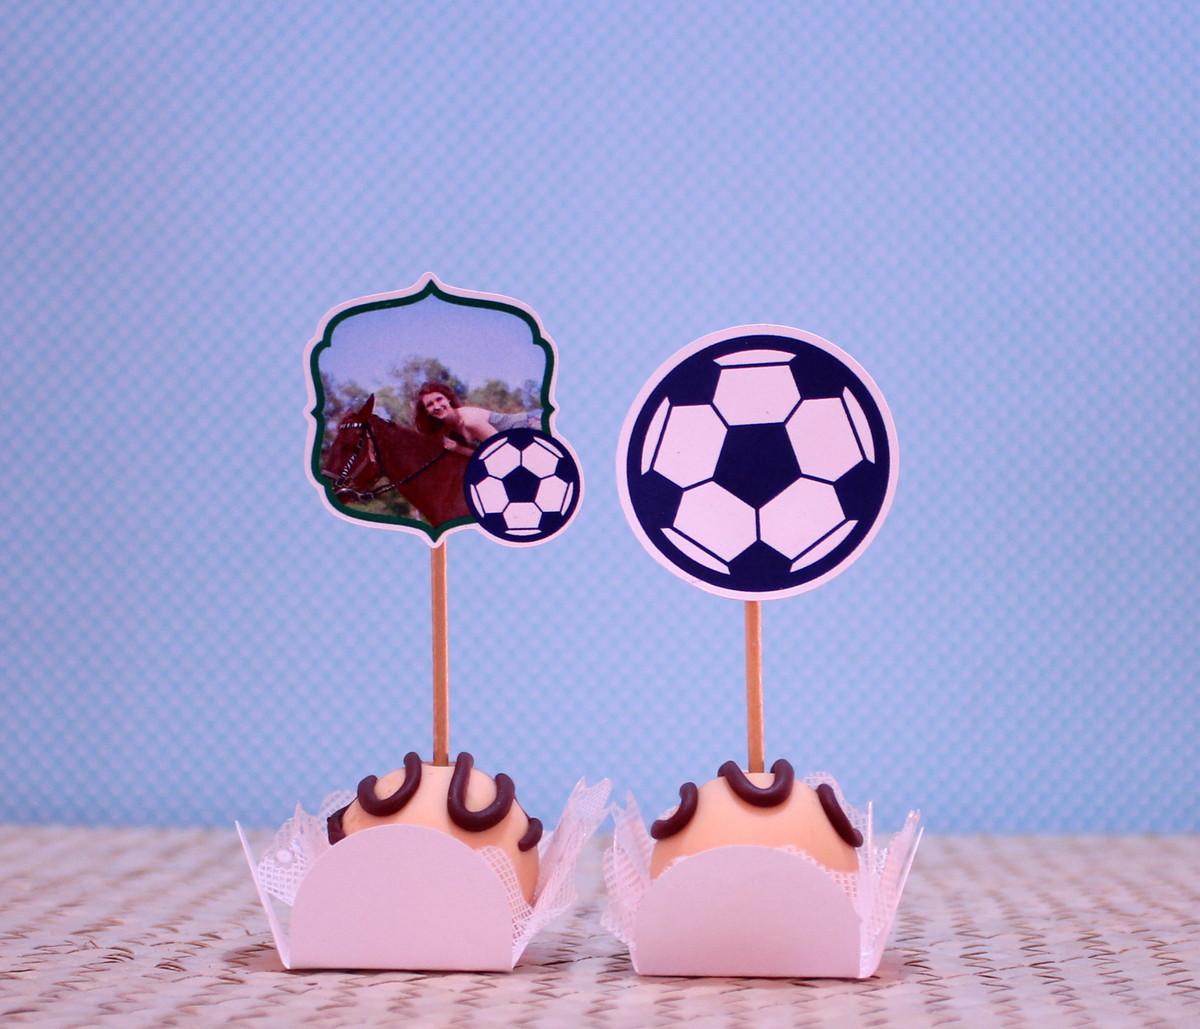 Kit-Topper para doces com foto- Brasil bola futebol no Elo7  e82abdf5c277c